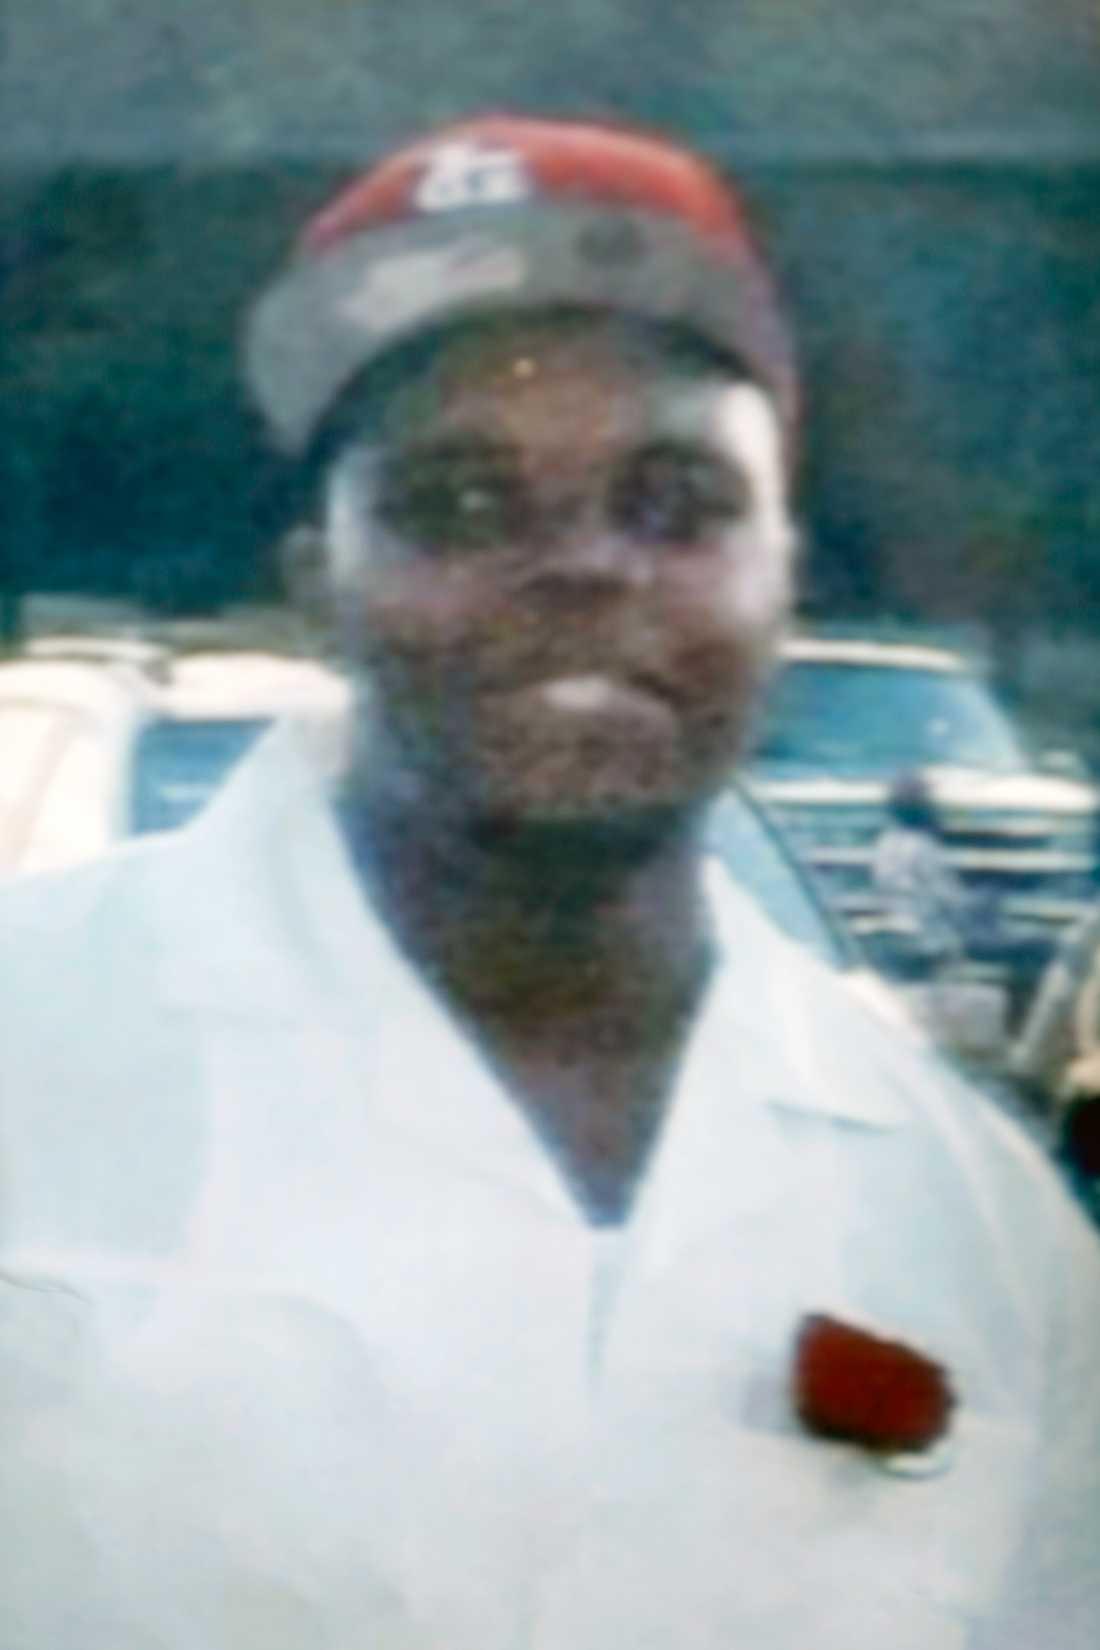 18-årige Michael Brown var obeväpnad när han sköts till döds 9 augusti av en polisman i Ferguson. Han misstänktes för snatteri.